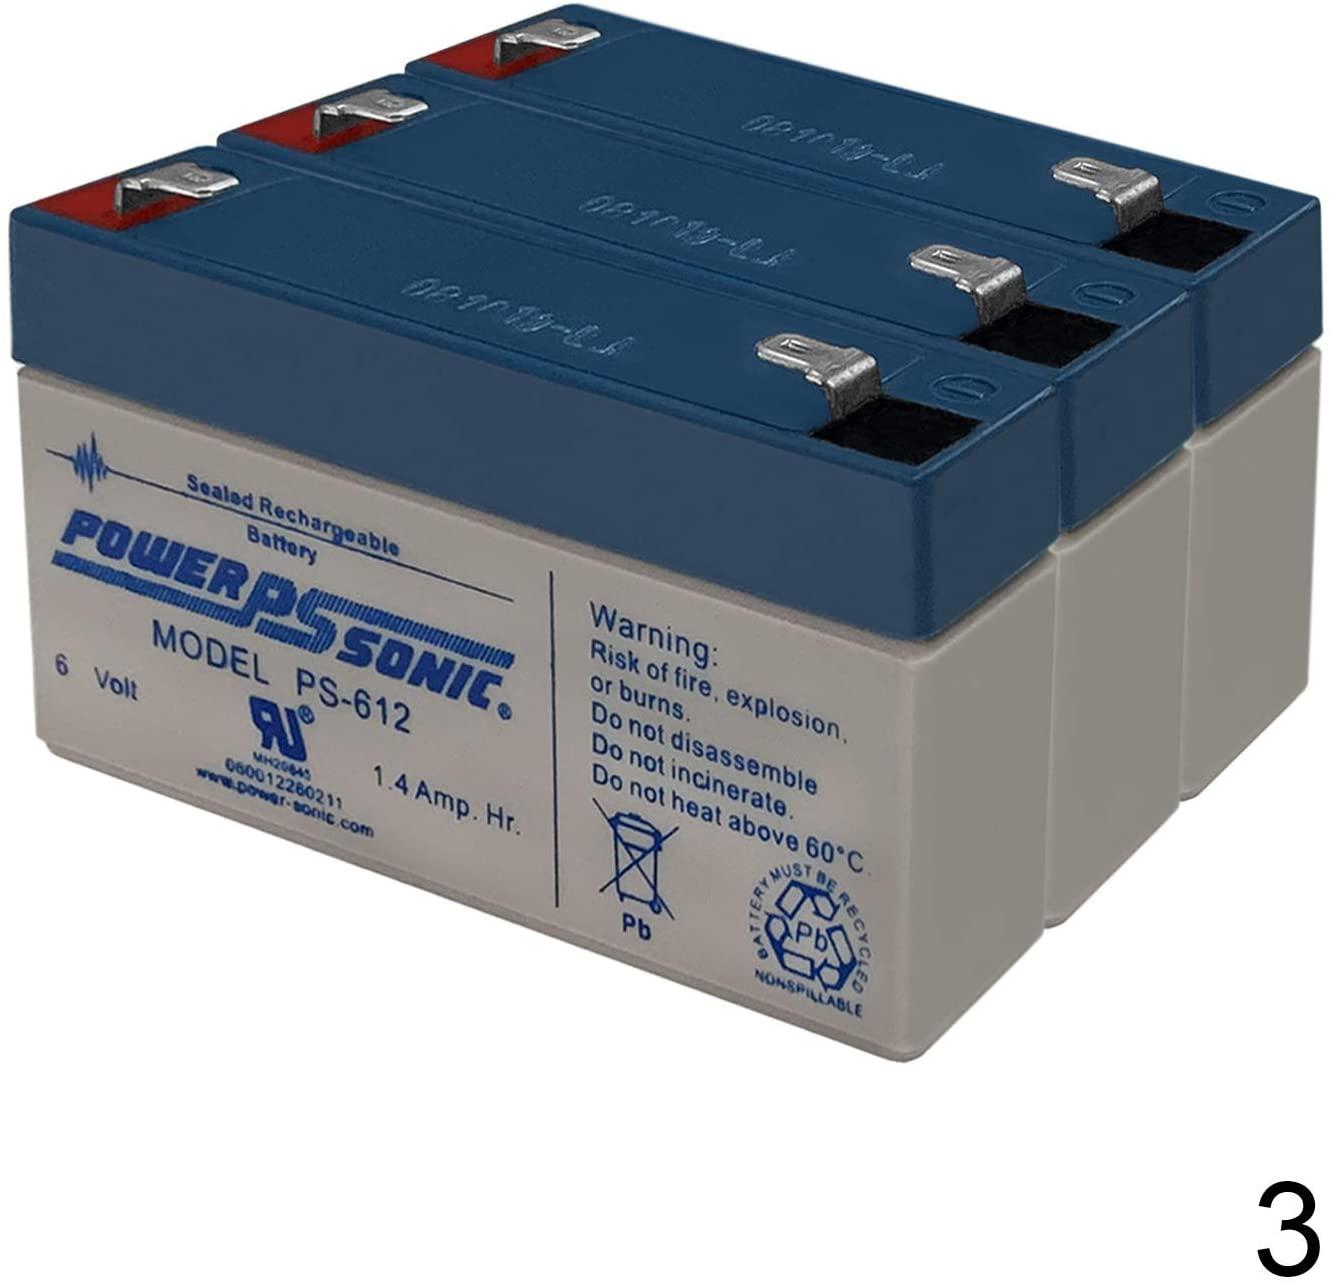 Power Sonic PS-612 6V 1.4AH Replacement Battery for Elan NPKA26V Light - 3 Pack